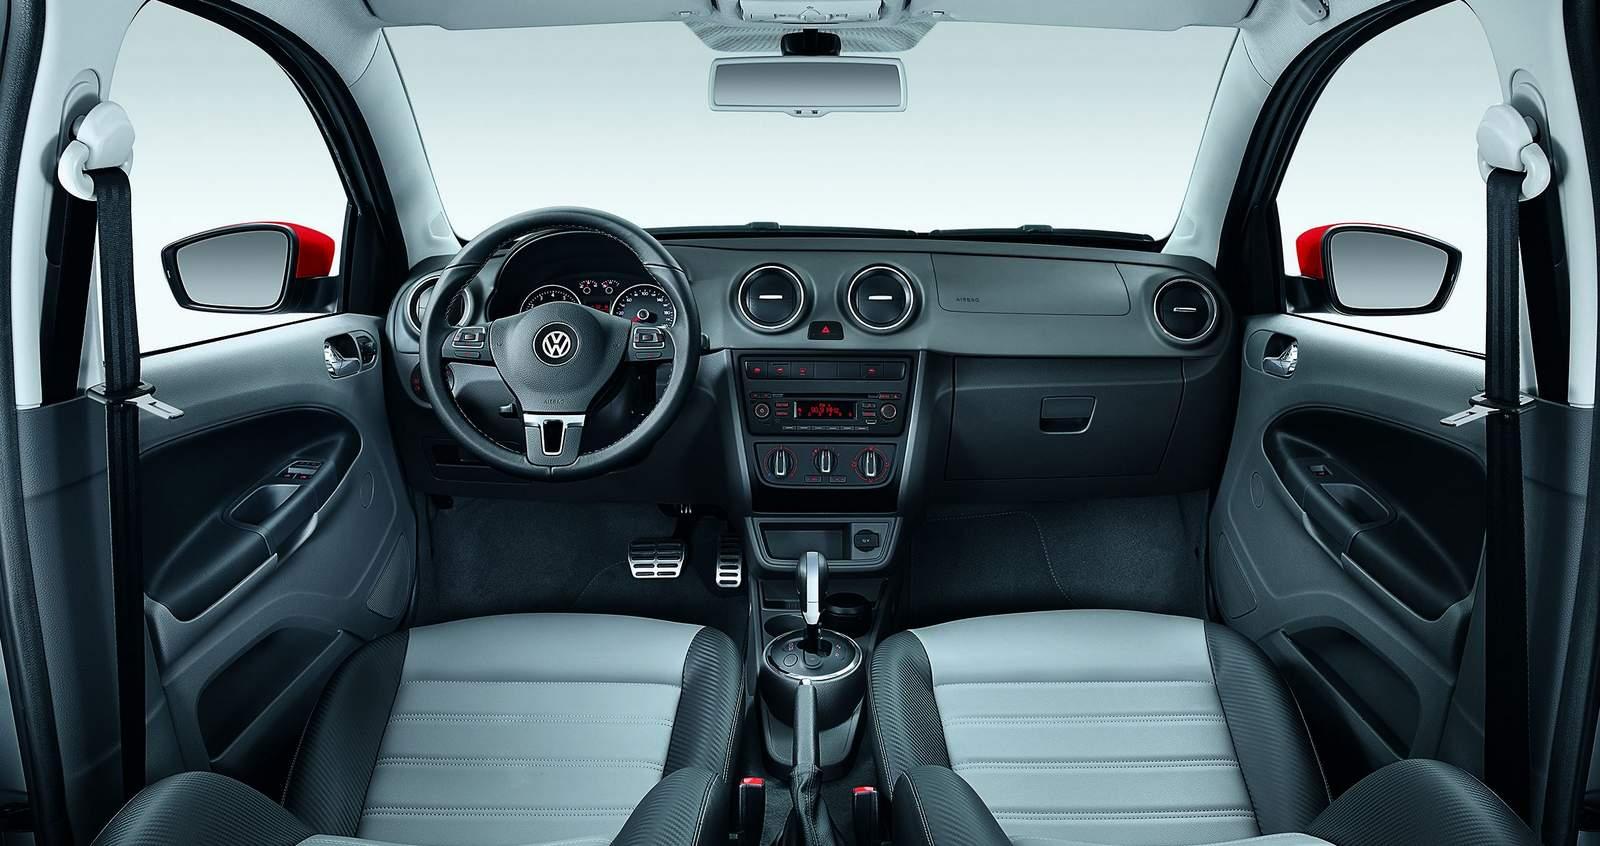 Volkswagen Voyage 2016 - interior